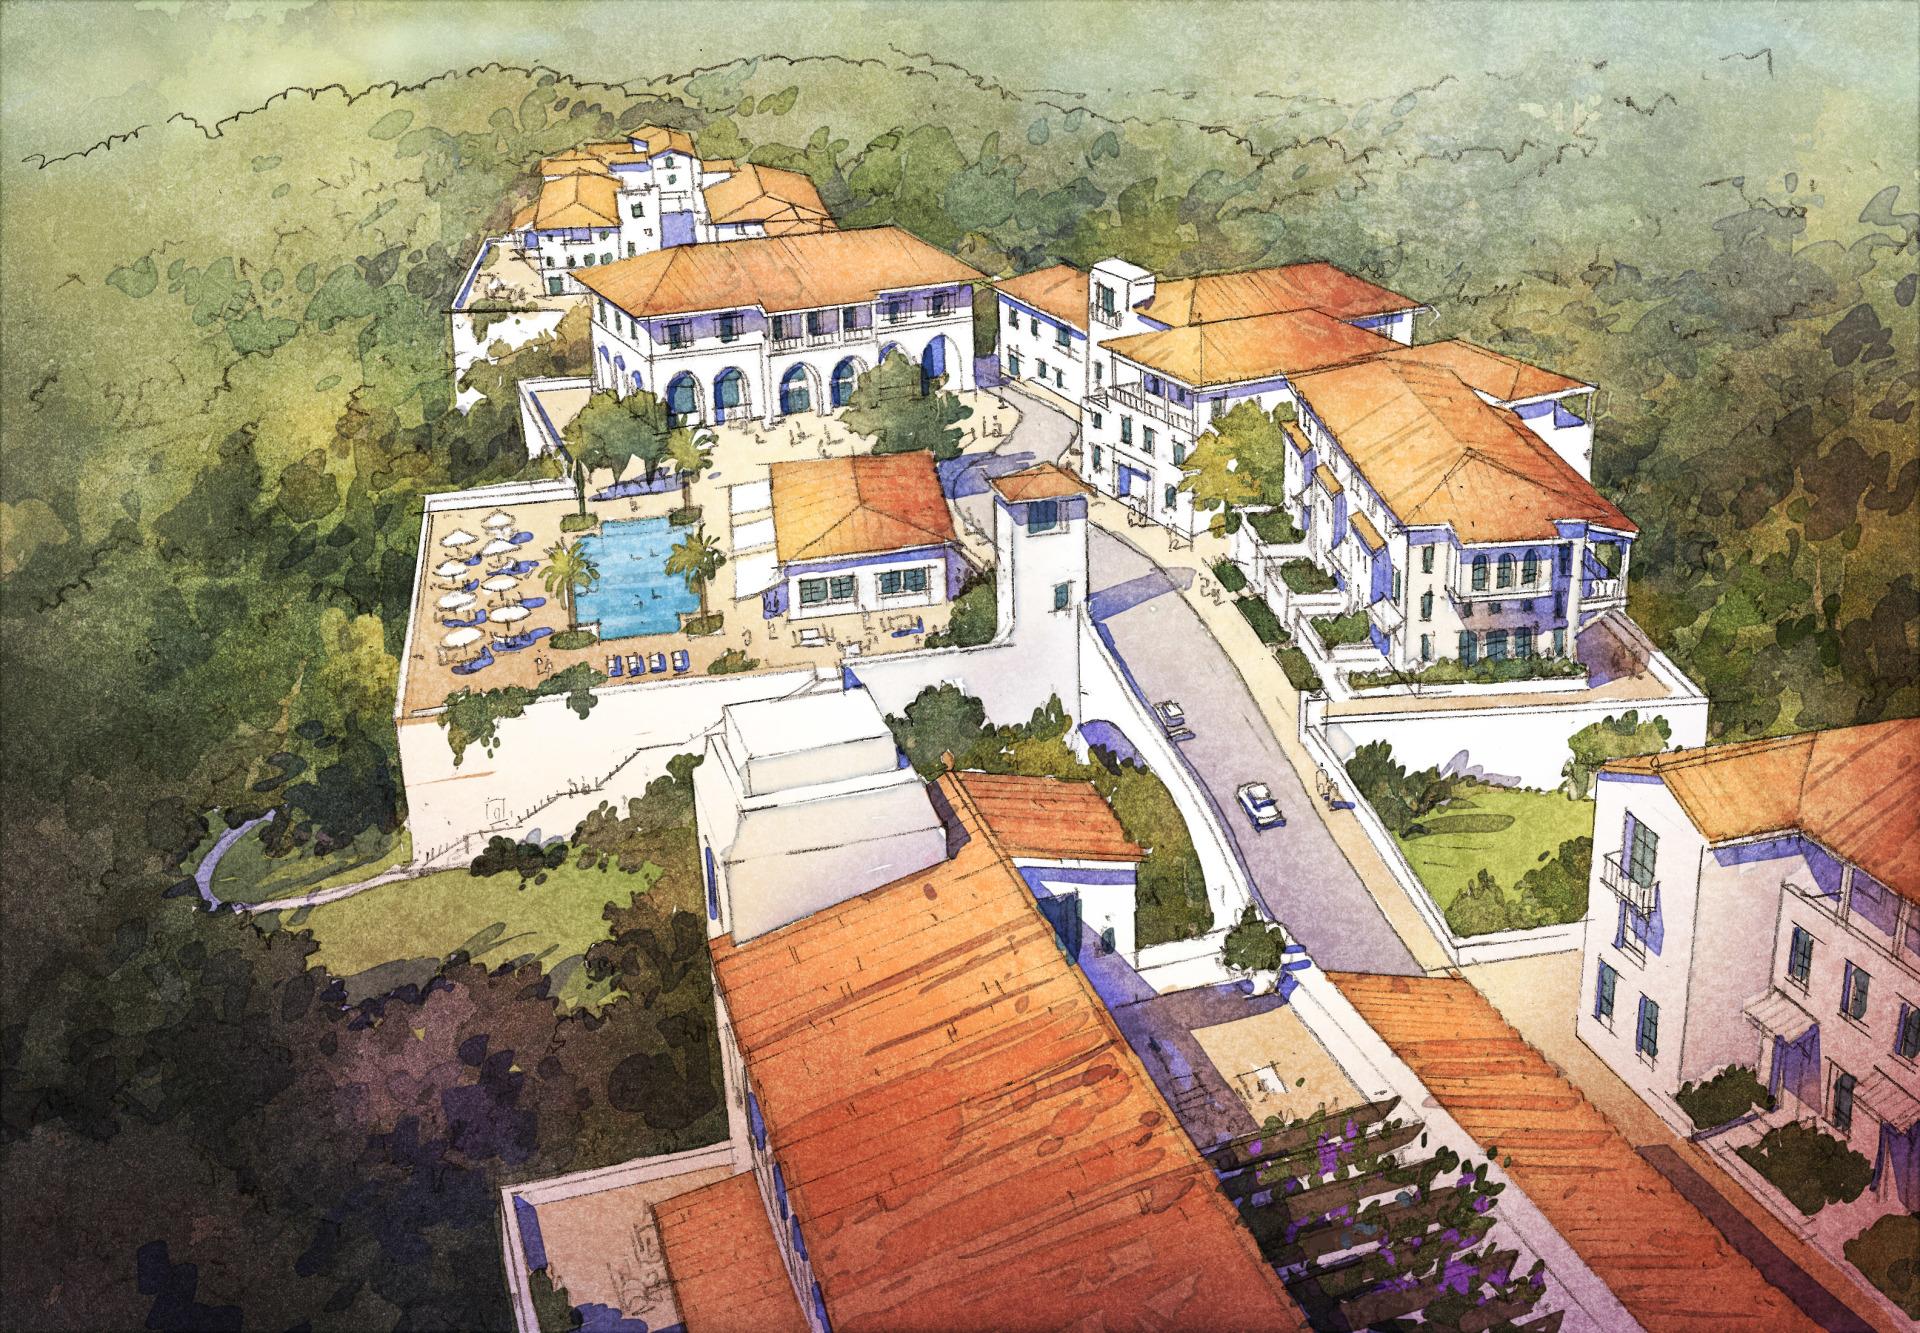 La LaBranza - Hilltop Village